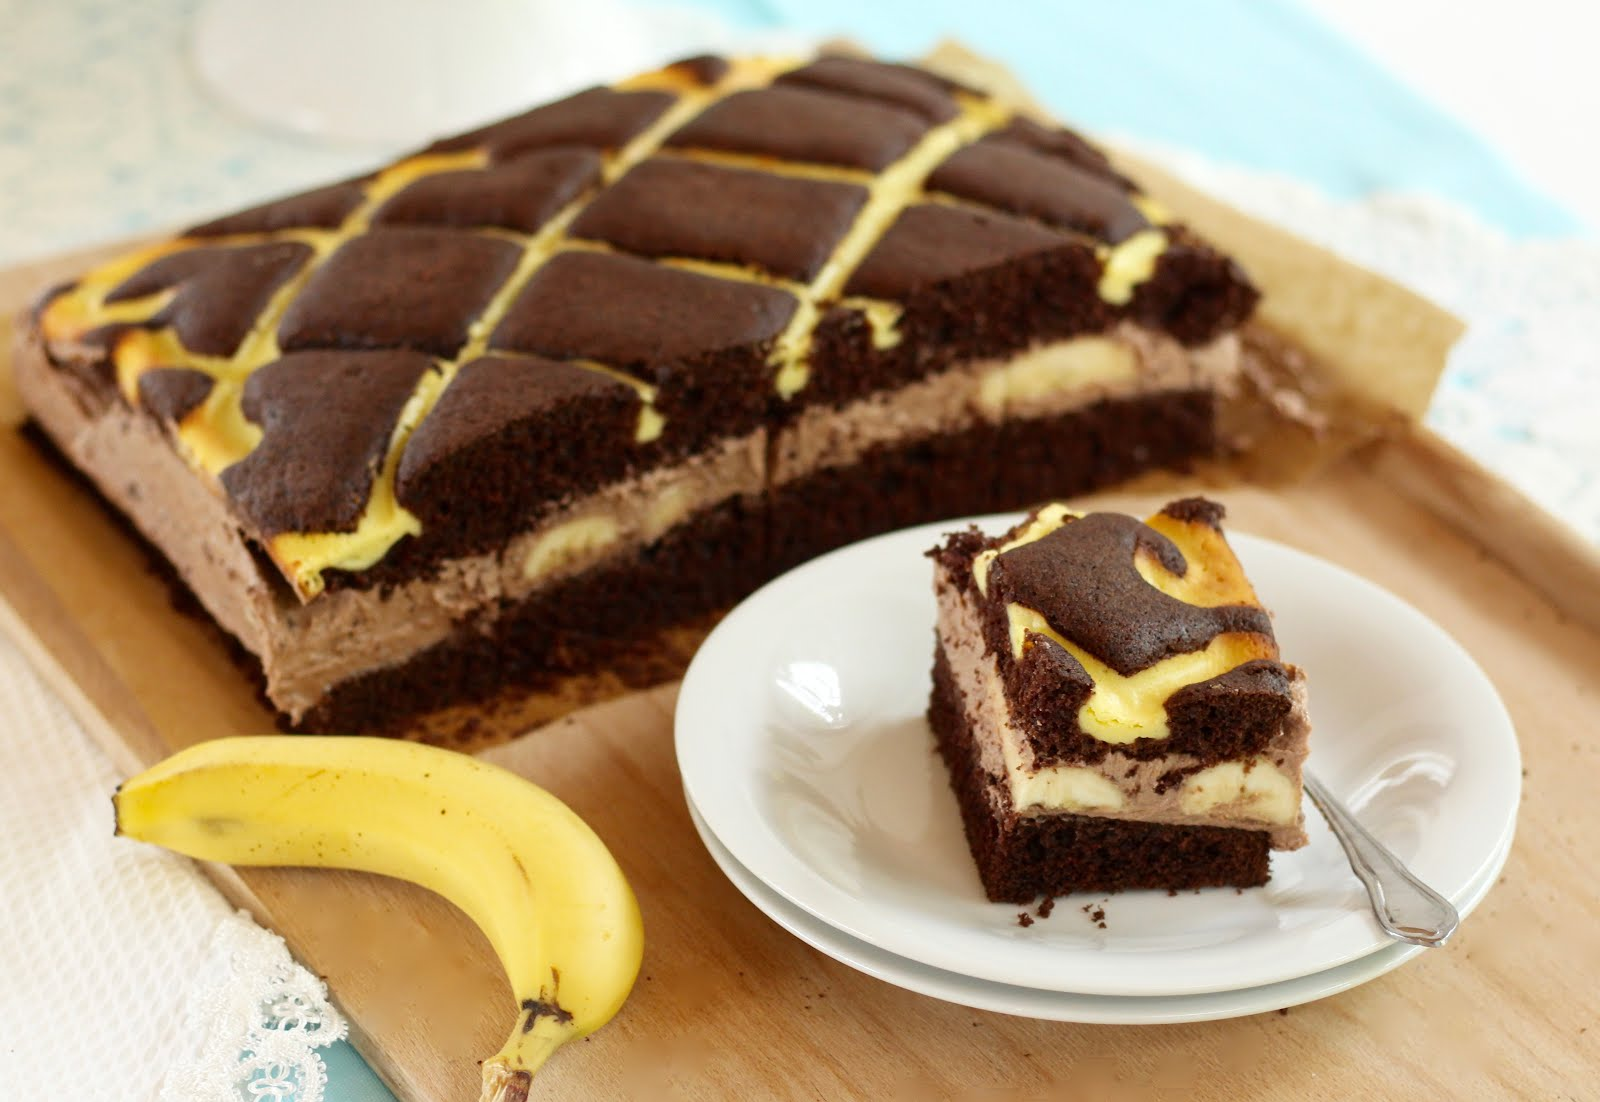 Schoko-Steppdeckenkuchen mit Puddingbuttercreme und frischen Bananen | Rezept und Video